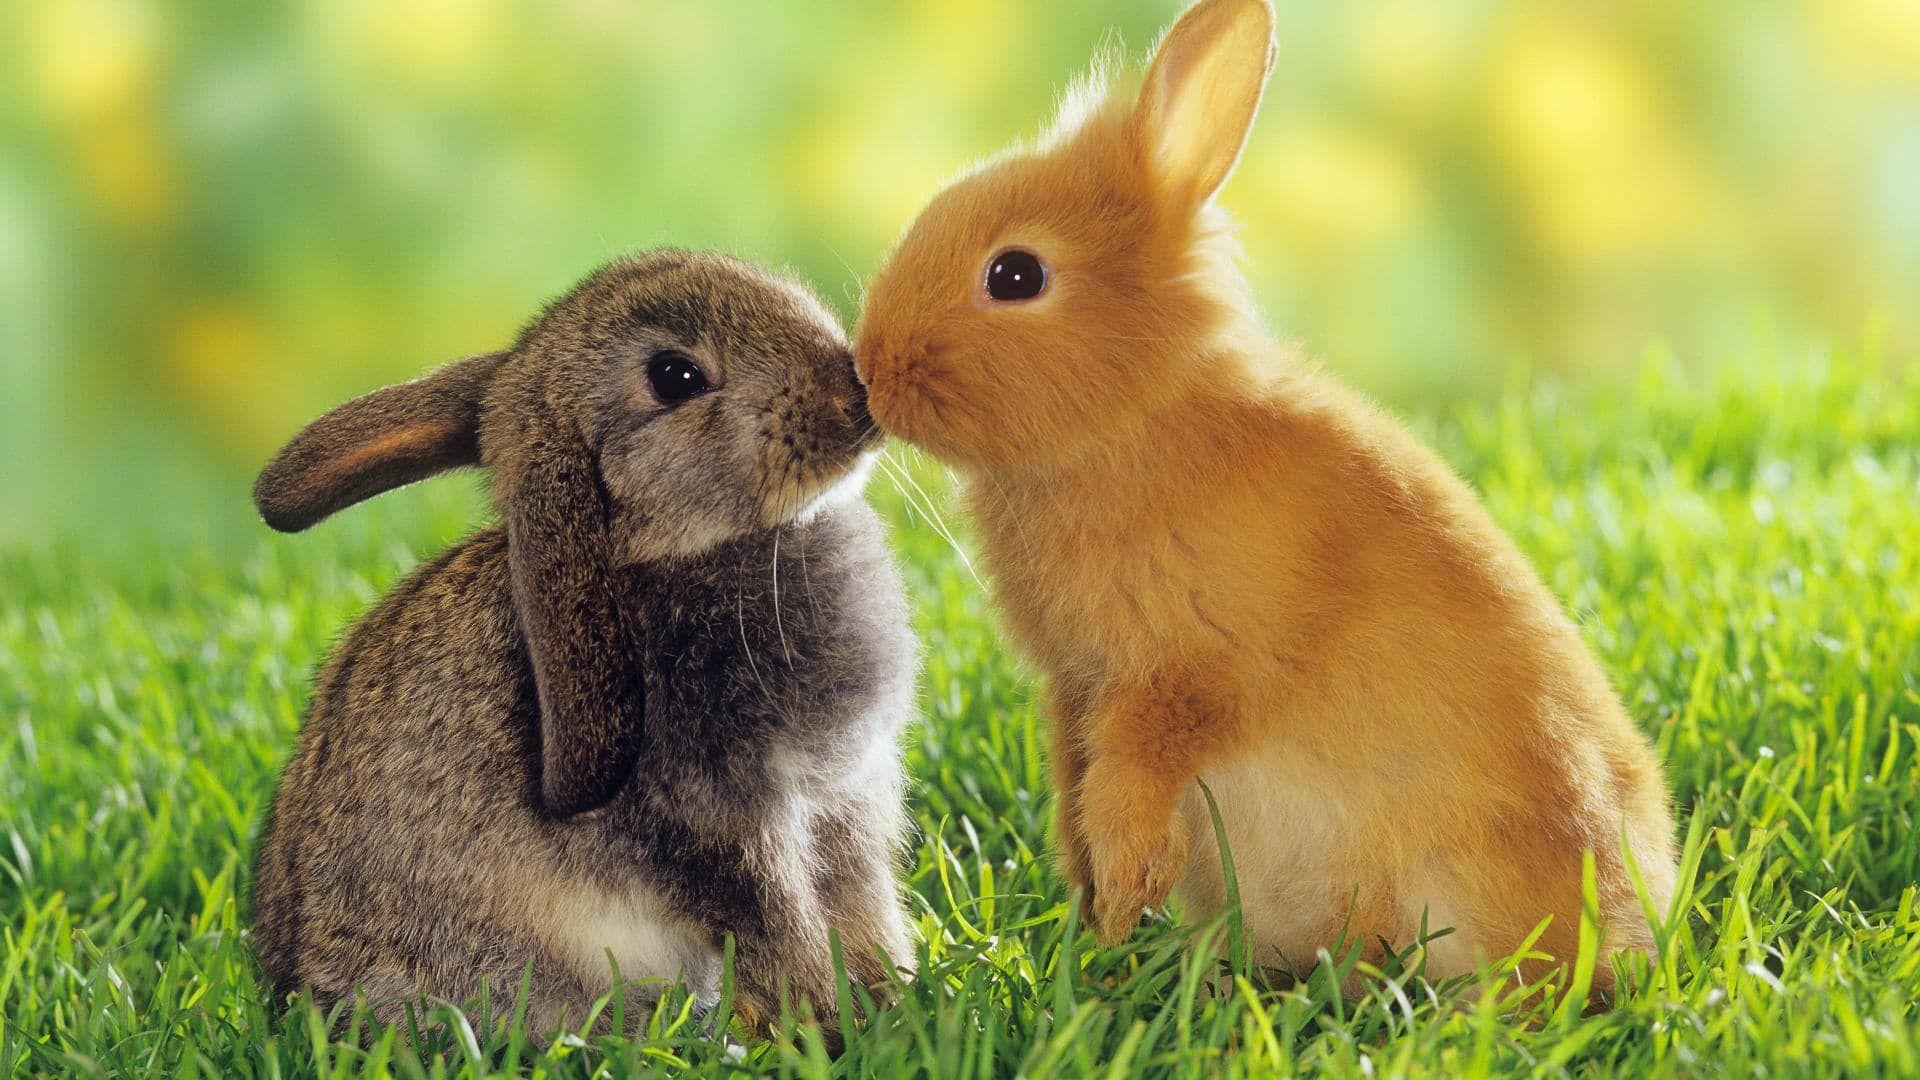 صور حيوانات جودة عالية Hd اجمل صور خلفيات الحيوانات Cute Animals Animals Kissing Animals Beautiful